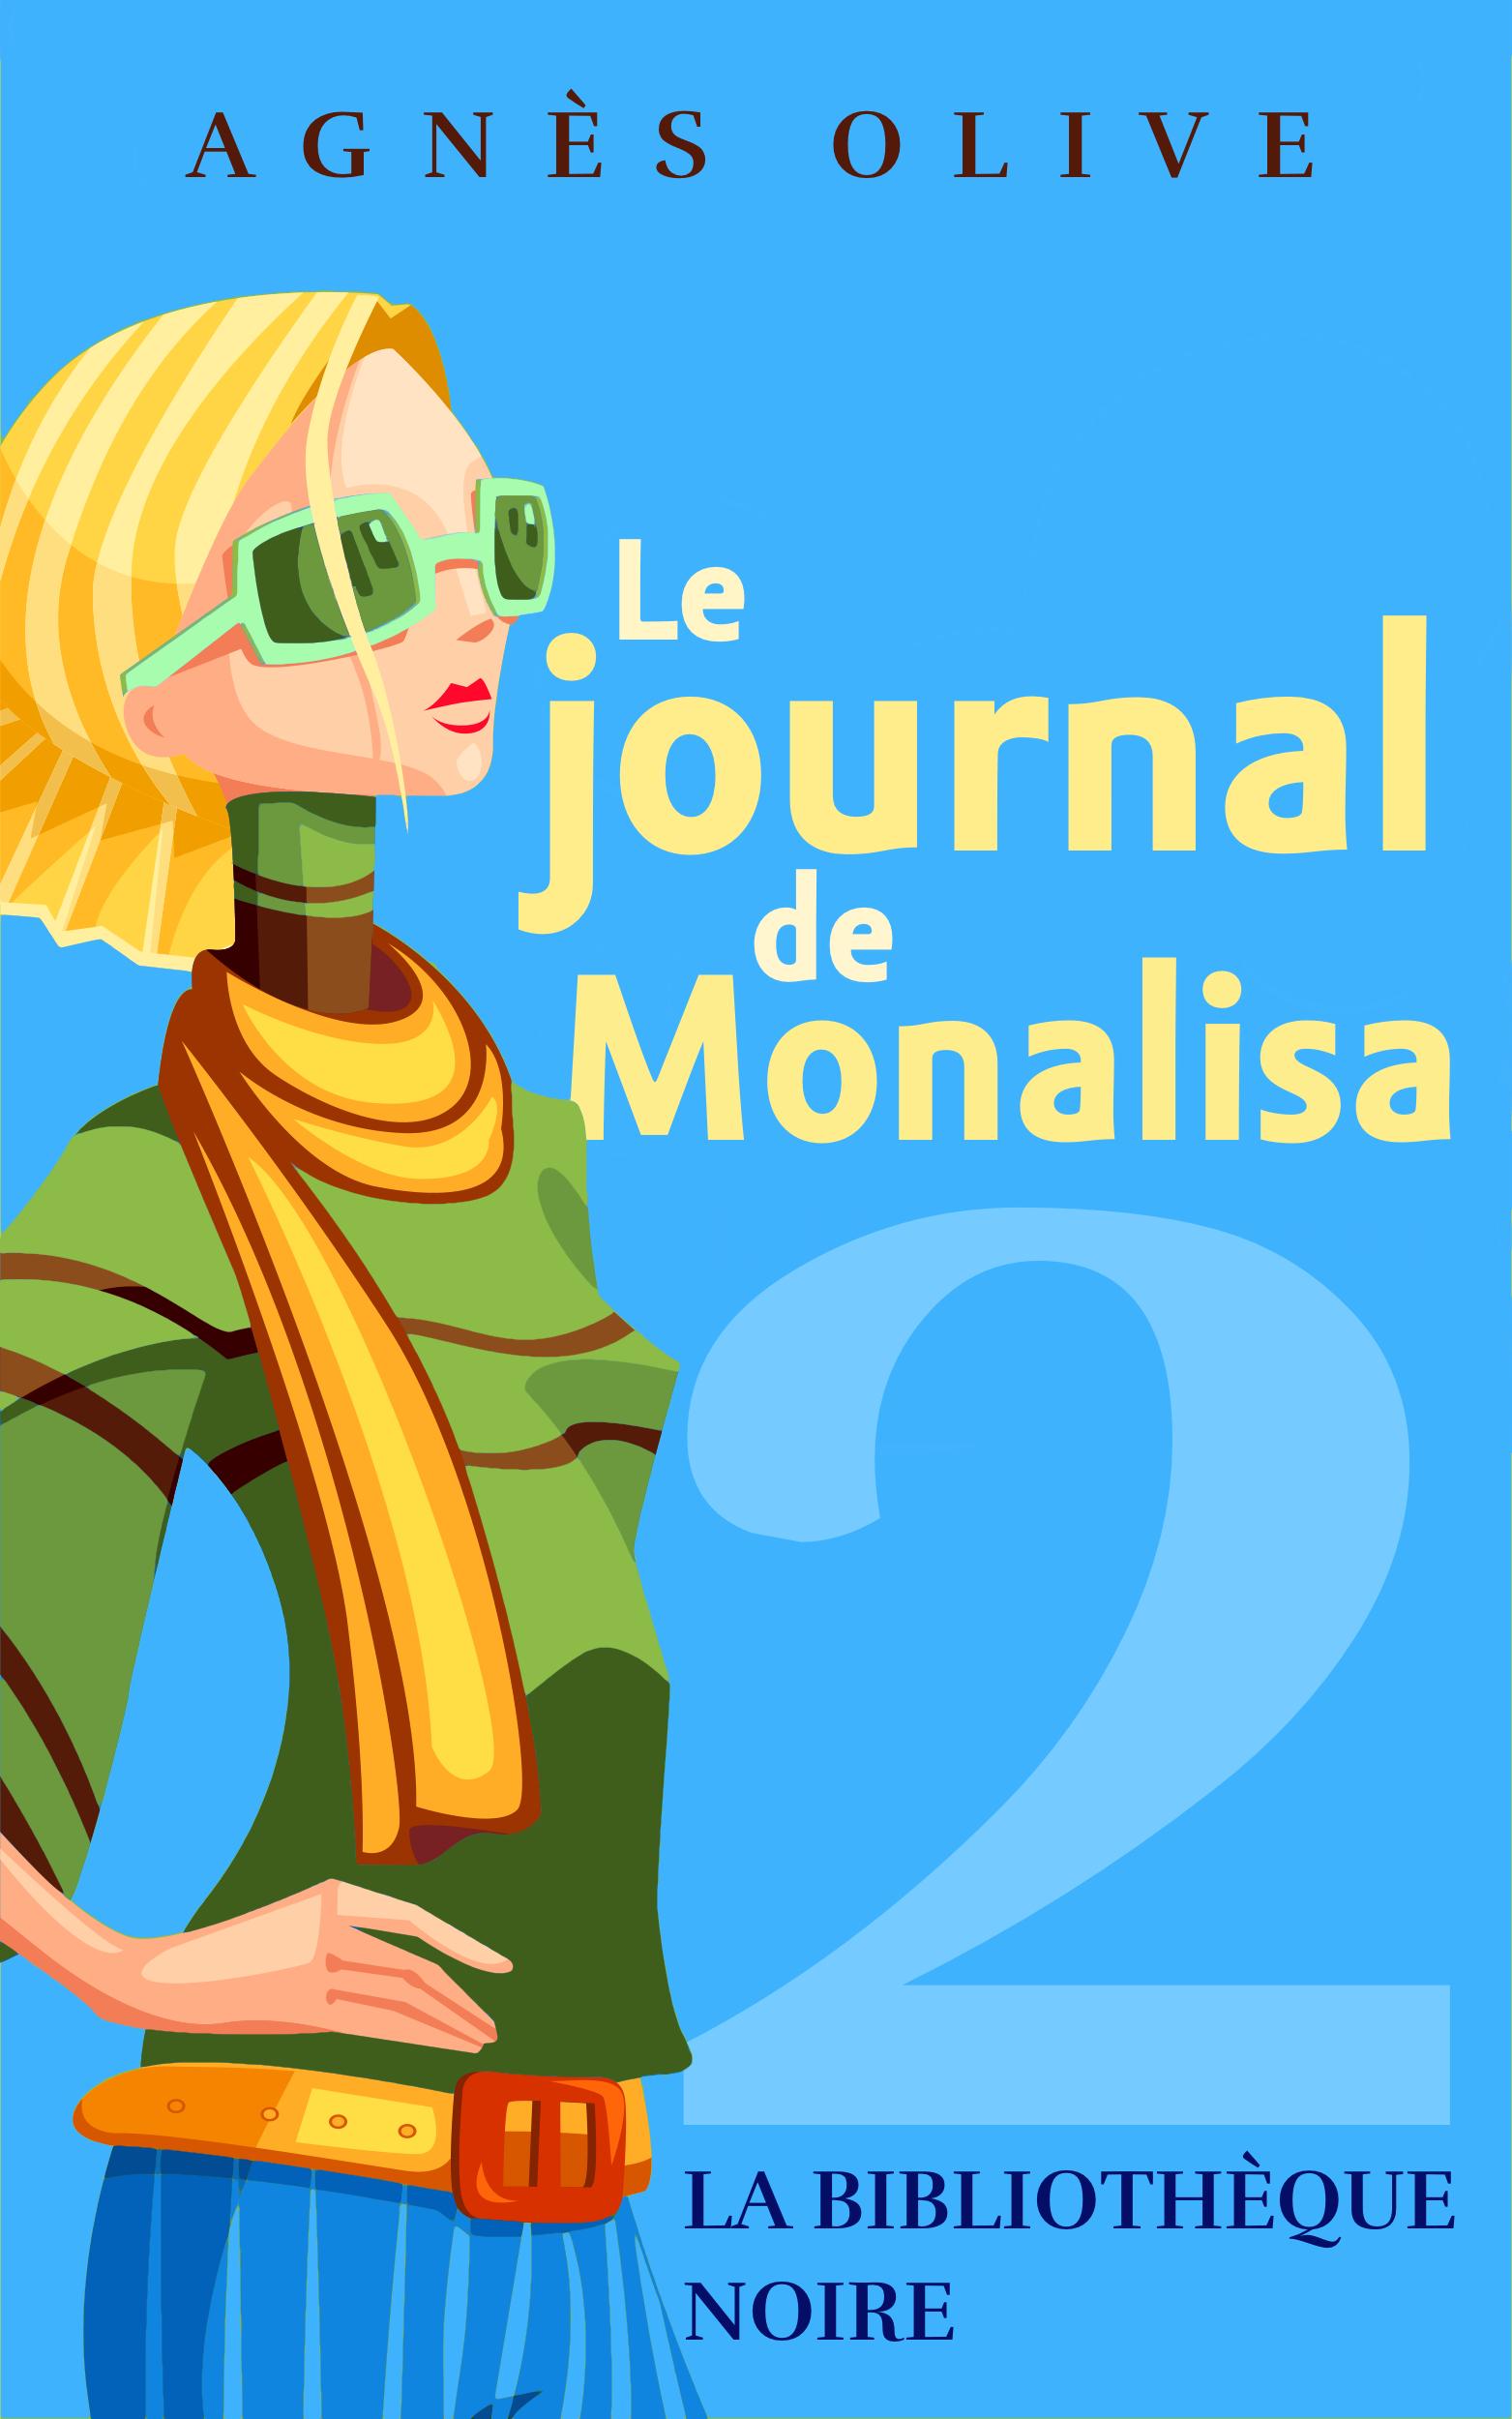 image journal de monalisa